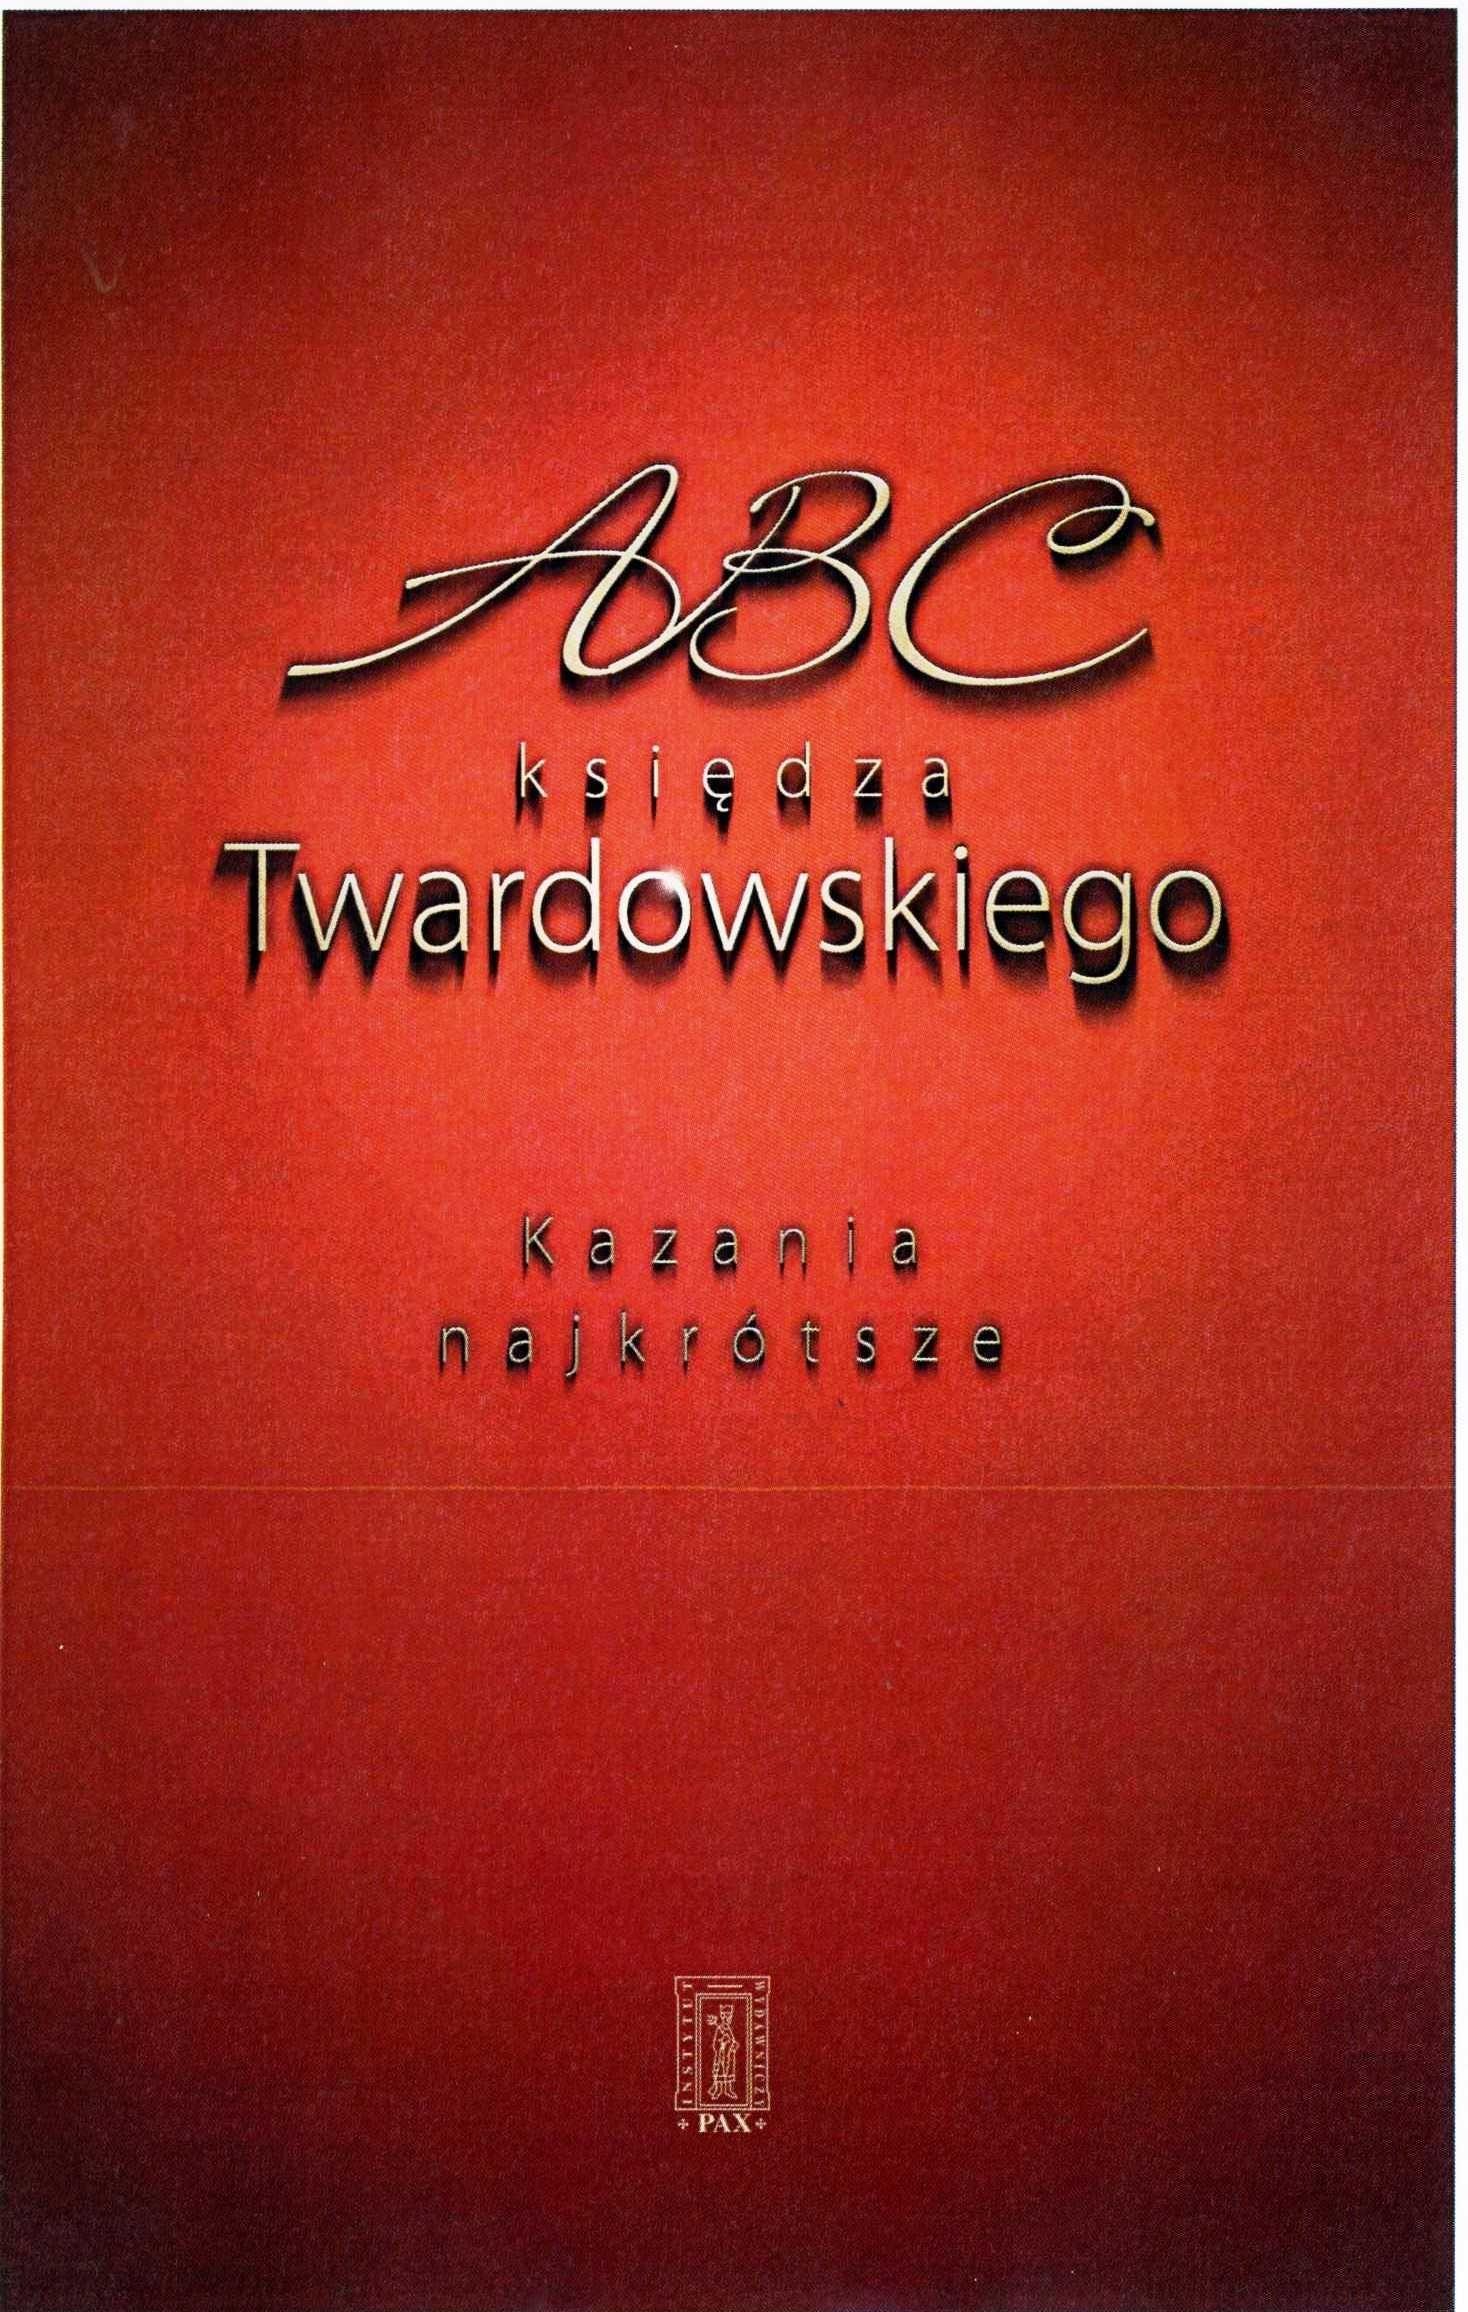 Książki Jan Twardowski Jan Twardowski Ceneopl